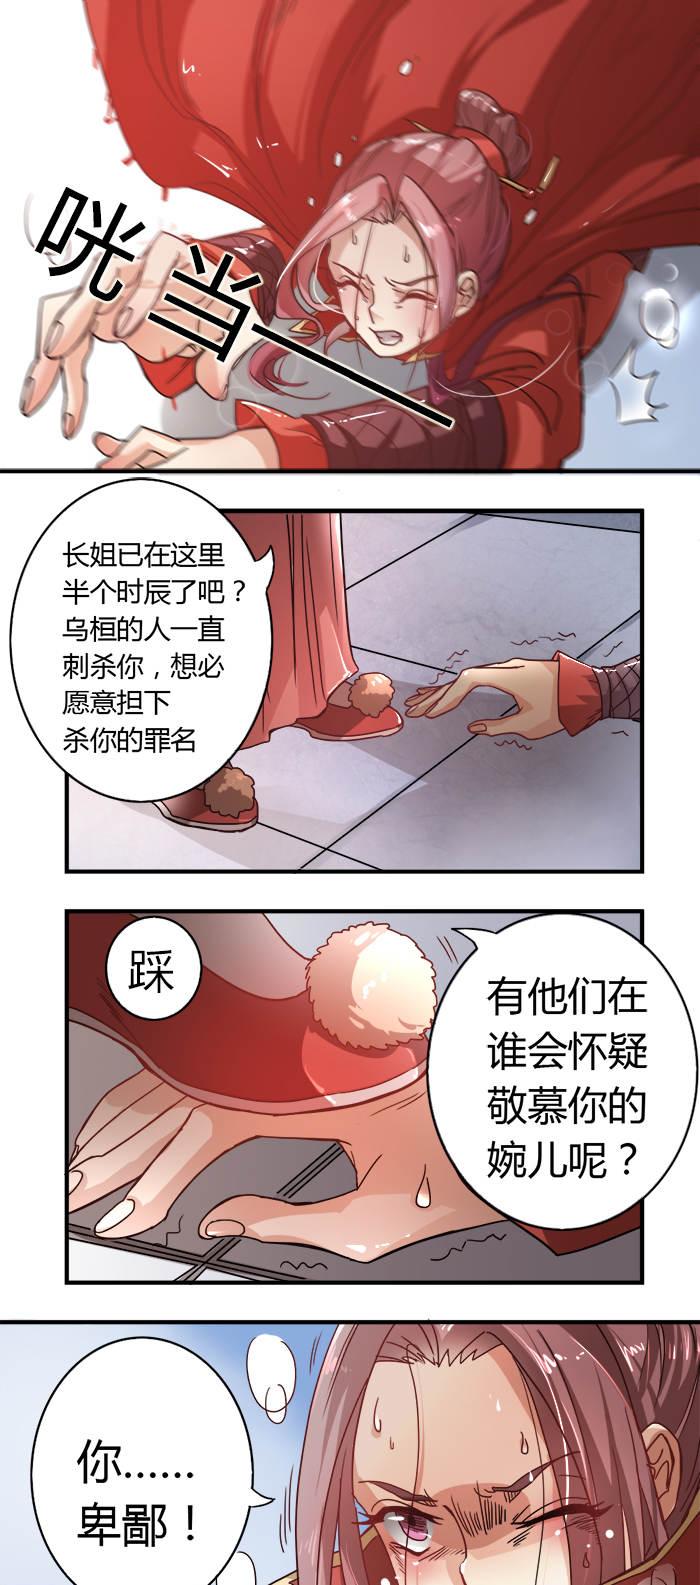 将军有喜第3话  悔婚(下) 第 7